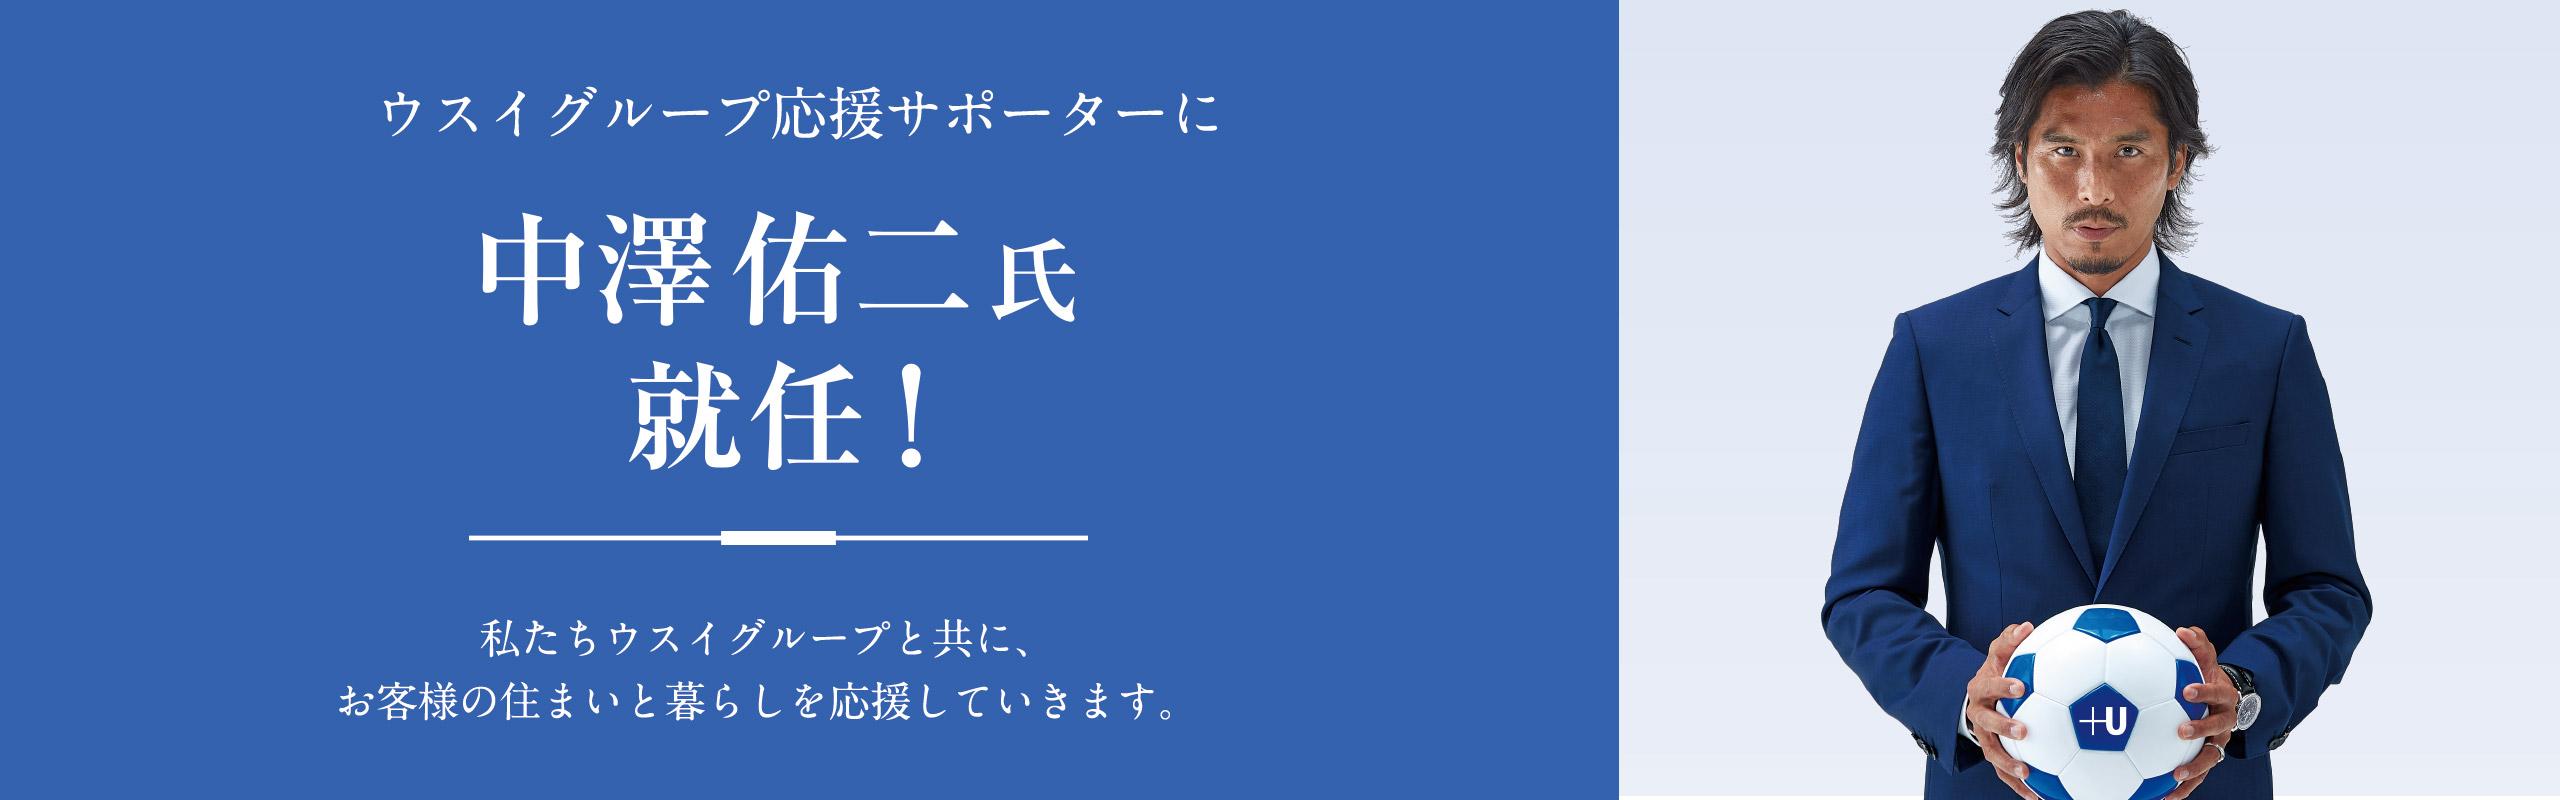 ウスイグループ応援サポーターに中澤佑二氏 就任!